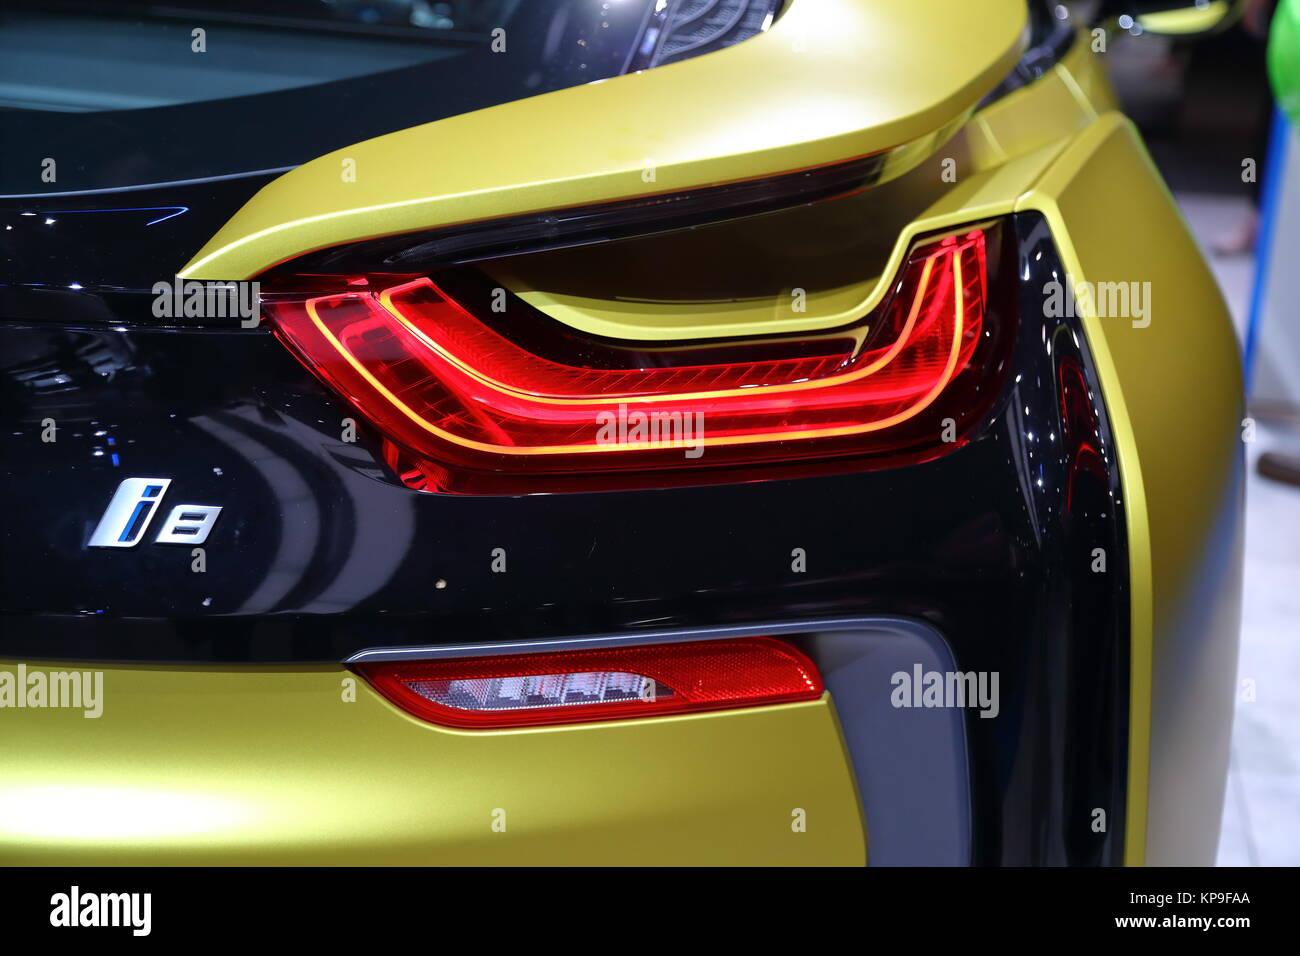 Bmw Sportscar Stock Photos Amp Bmw Sportscar Stock Images